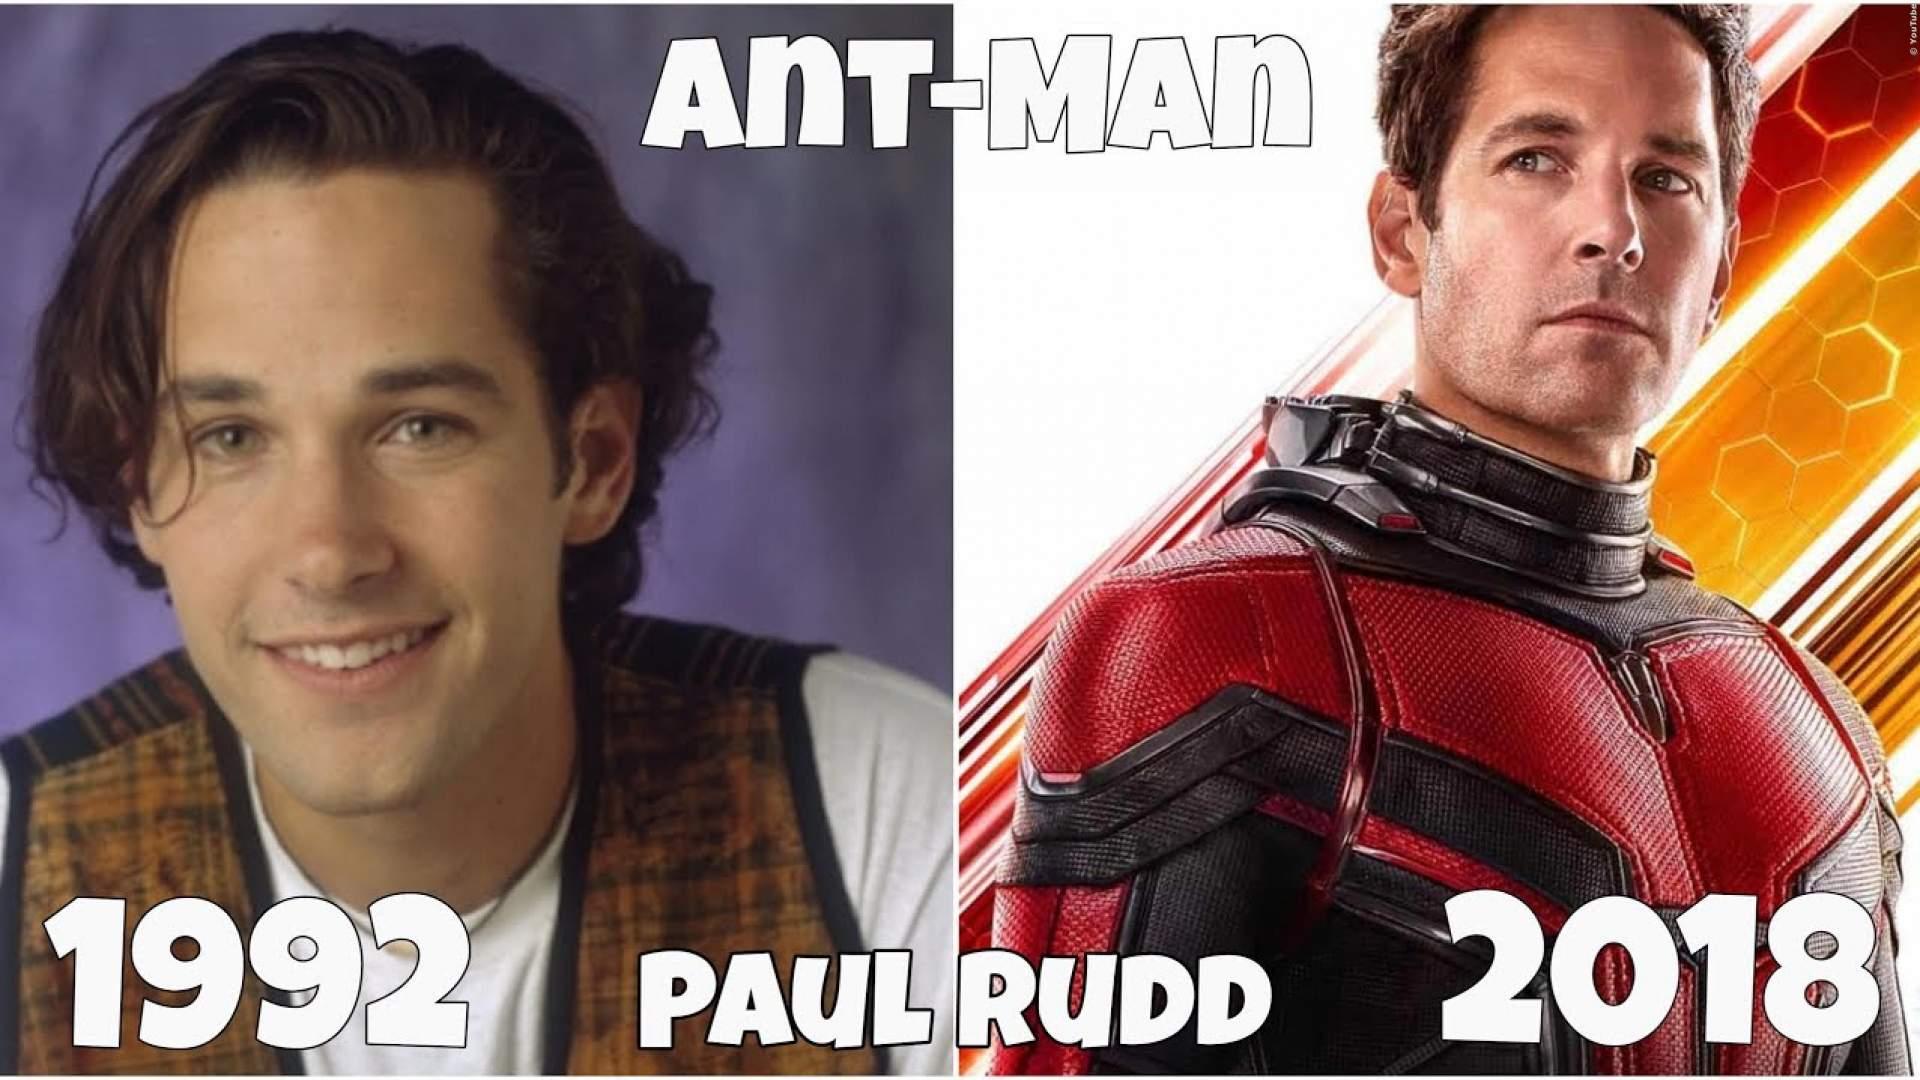 VIDEO: Die 'Ant-Man'-Stars früher und heute